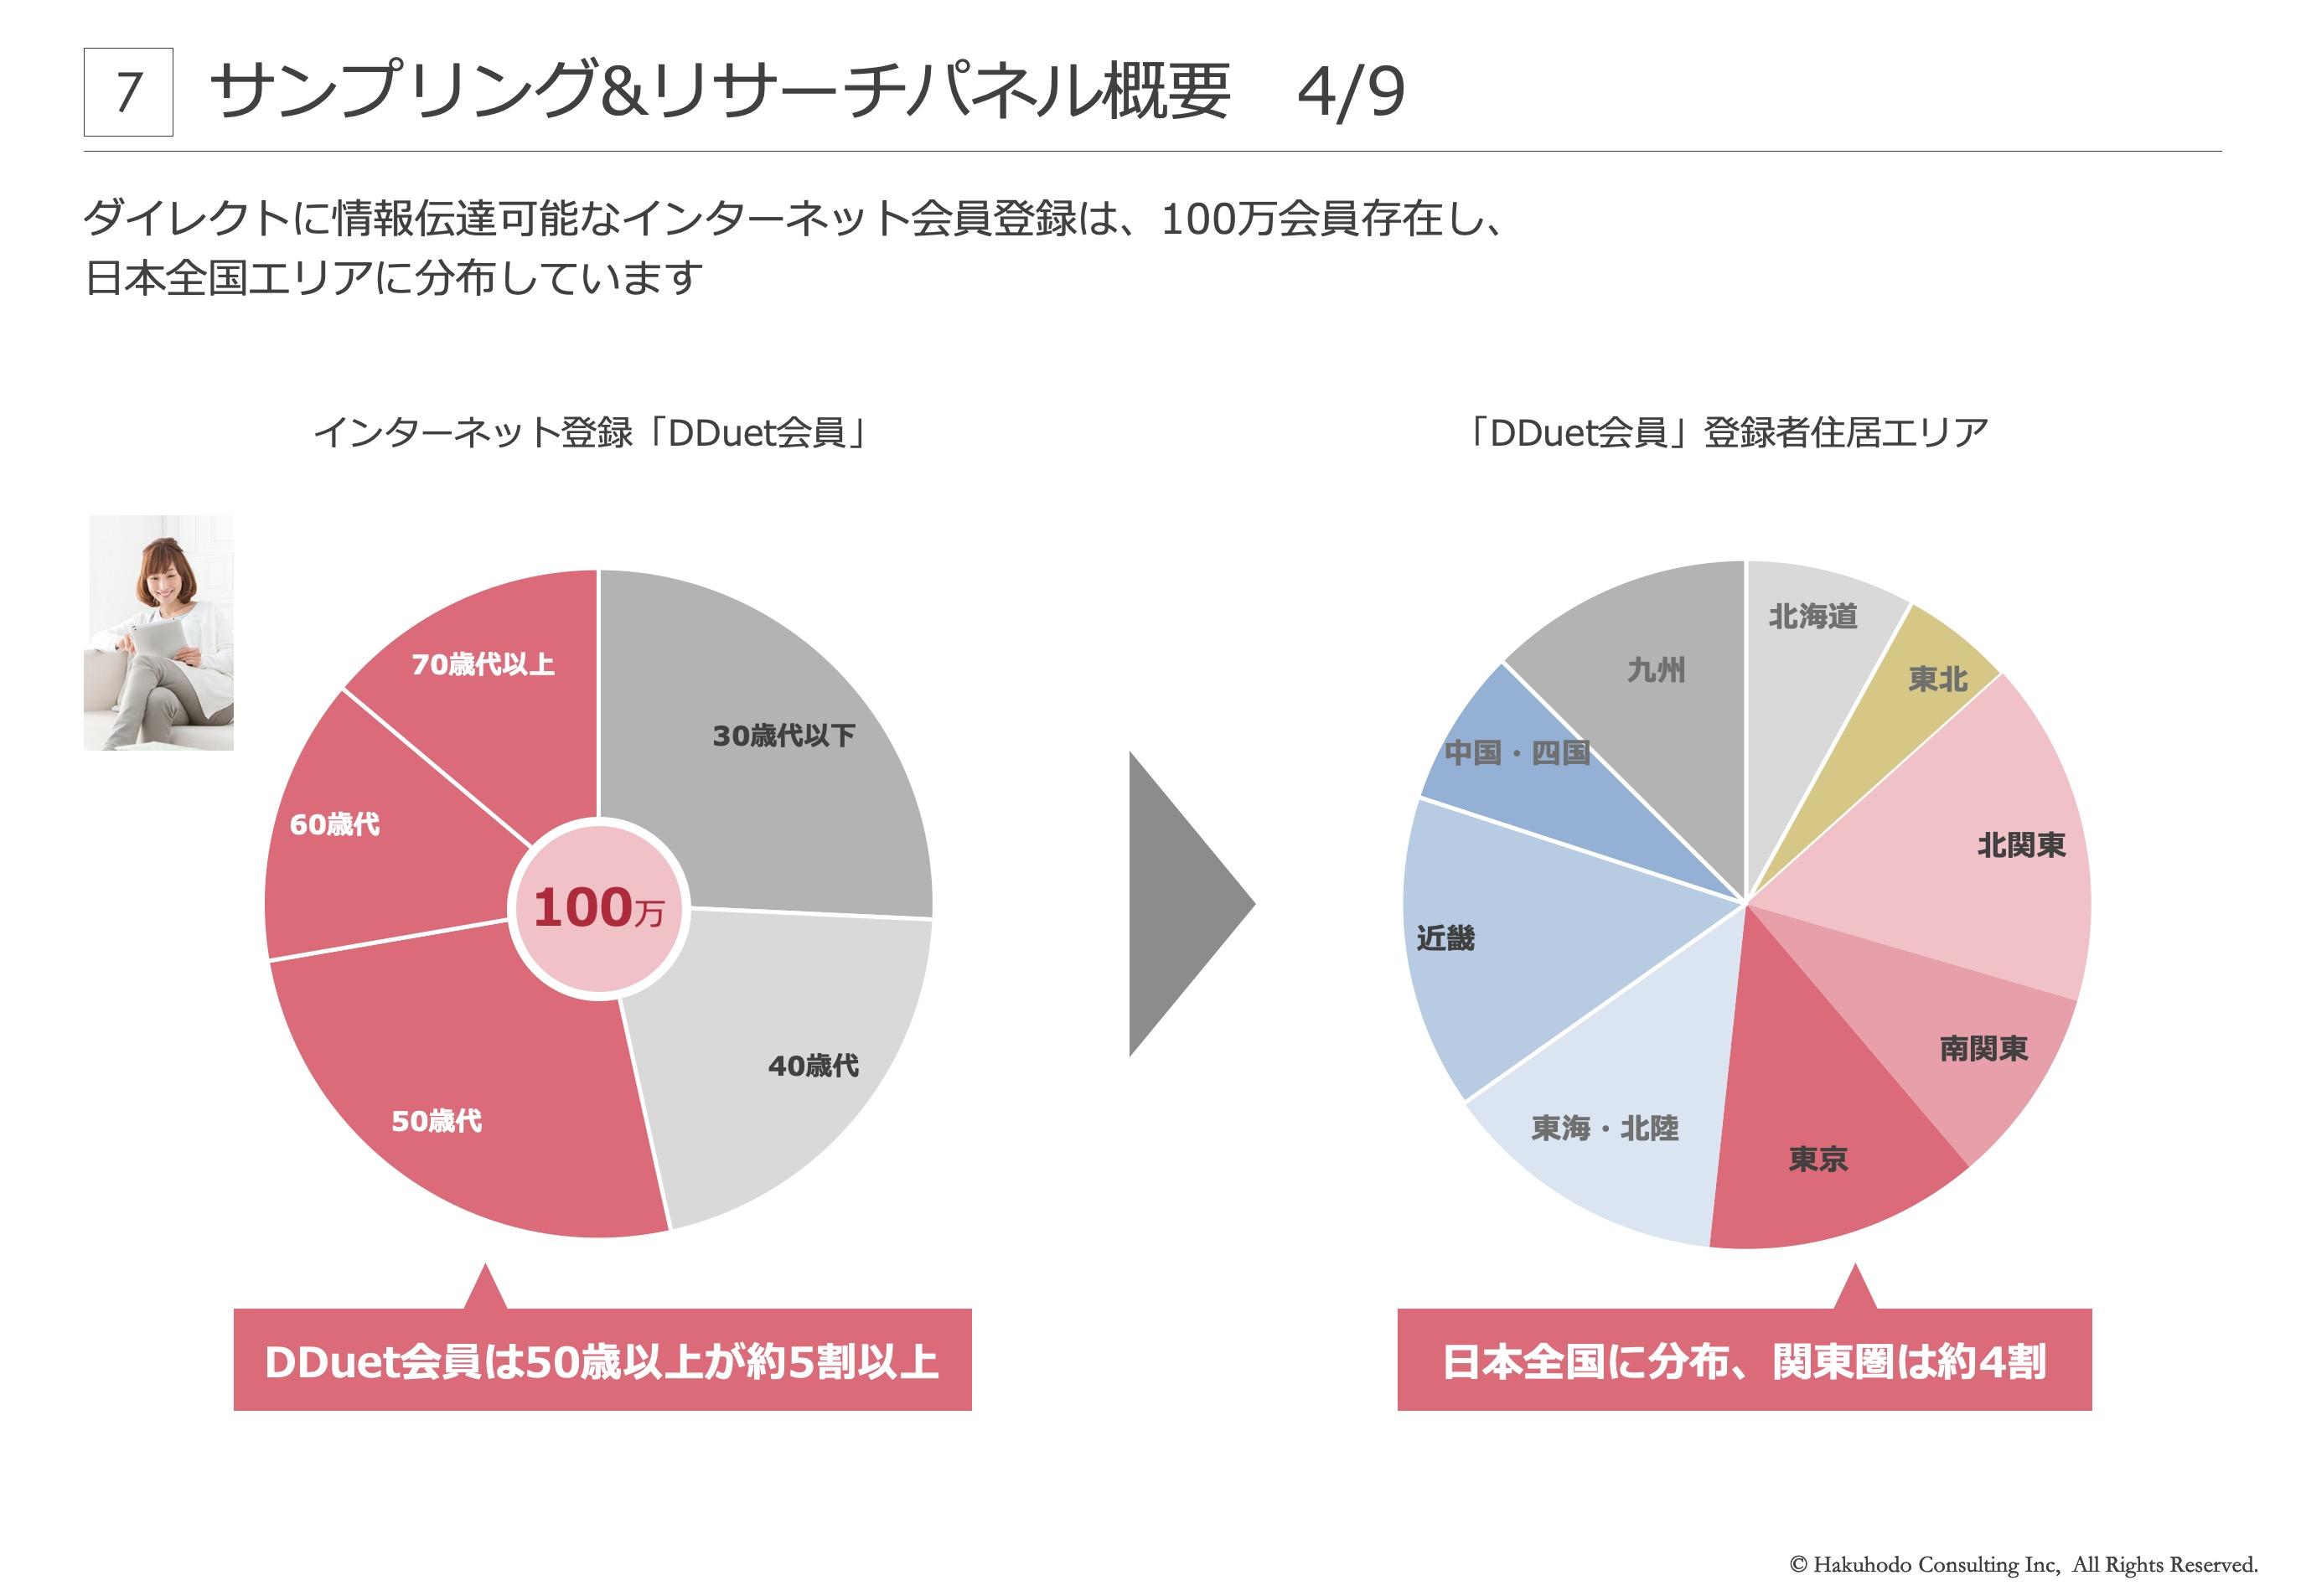 ダイレクトに情報伝達可能なインターネット会員登録は、100万会員存在し、日本全国エリアに分布しています